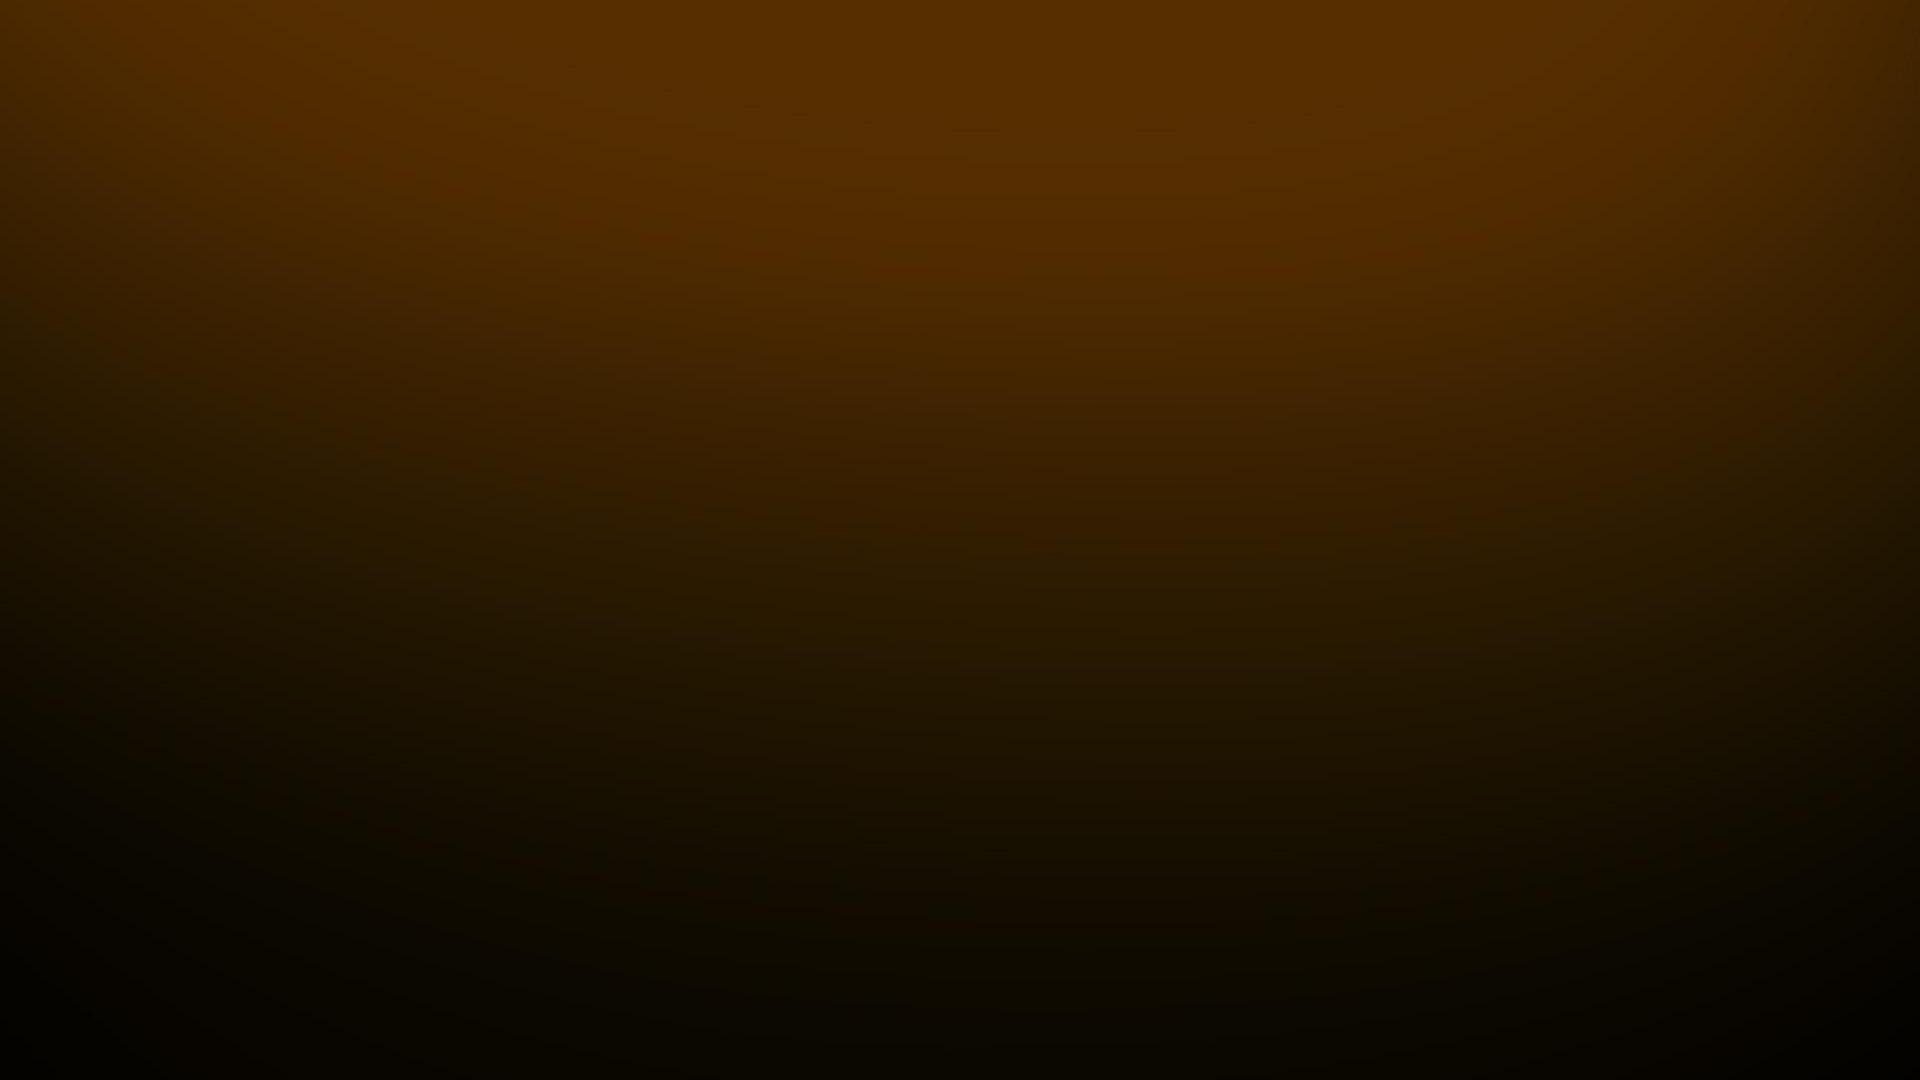 brown wallpaper wallpapers top desktop 1920x1080 1920x1080